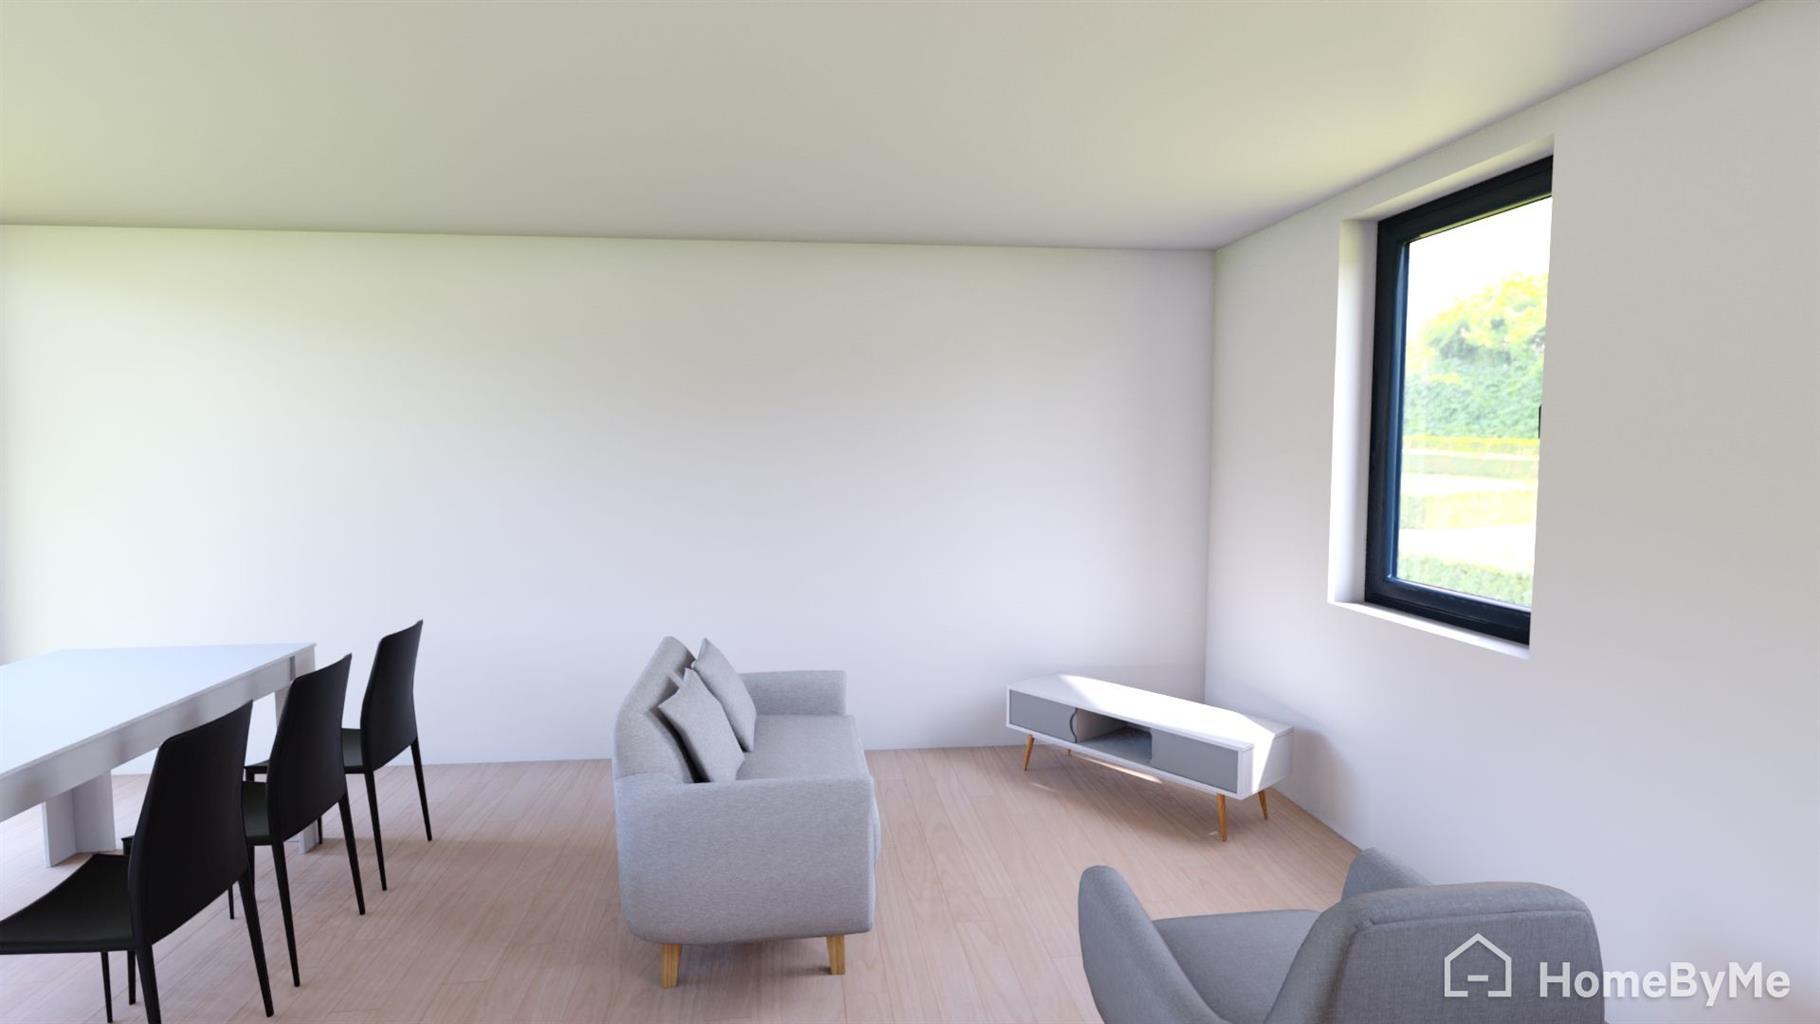 Maison - Braine-le-Comte - #4371645-5